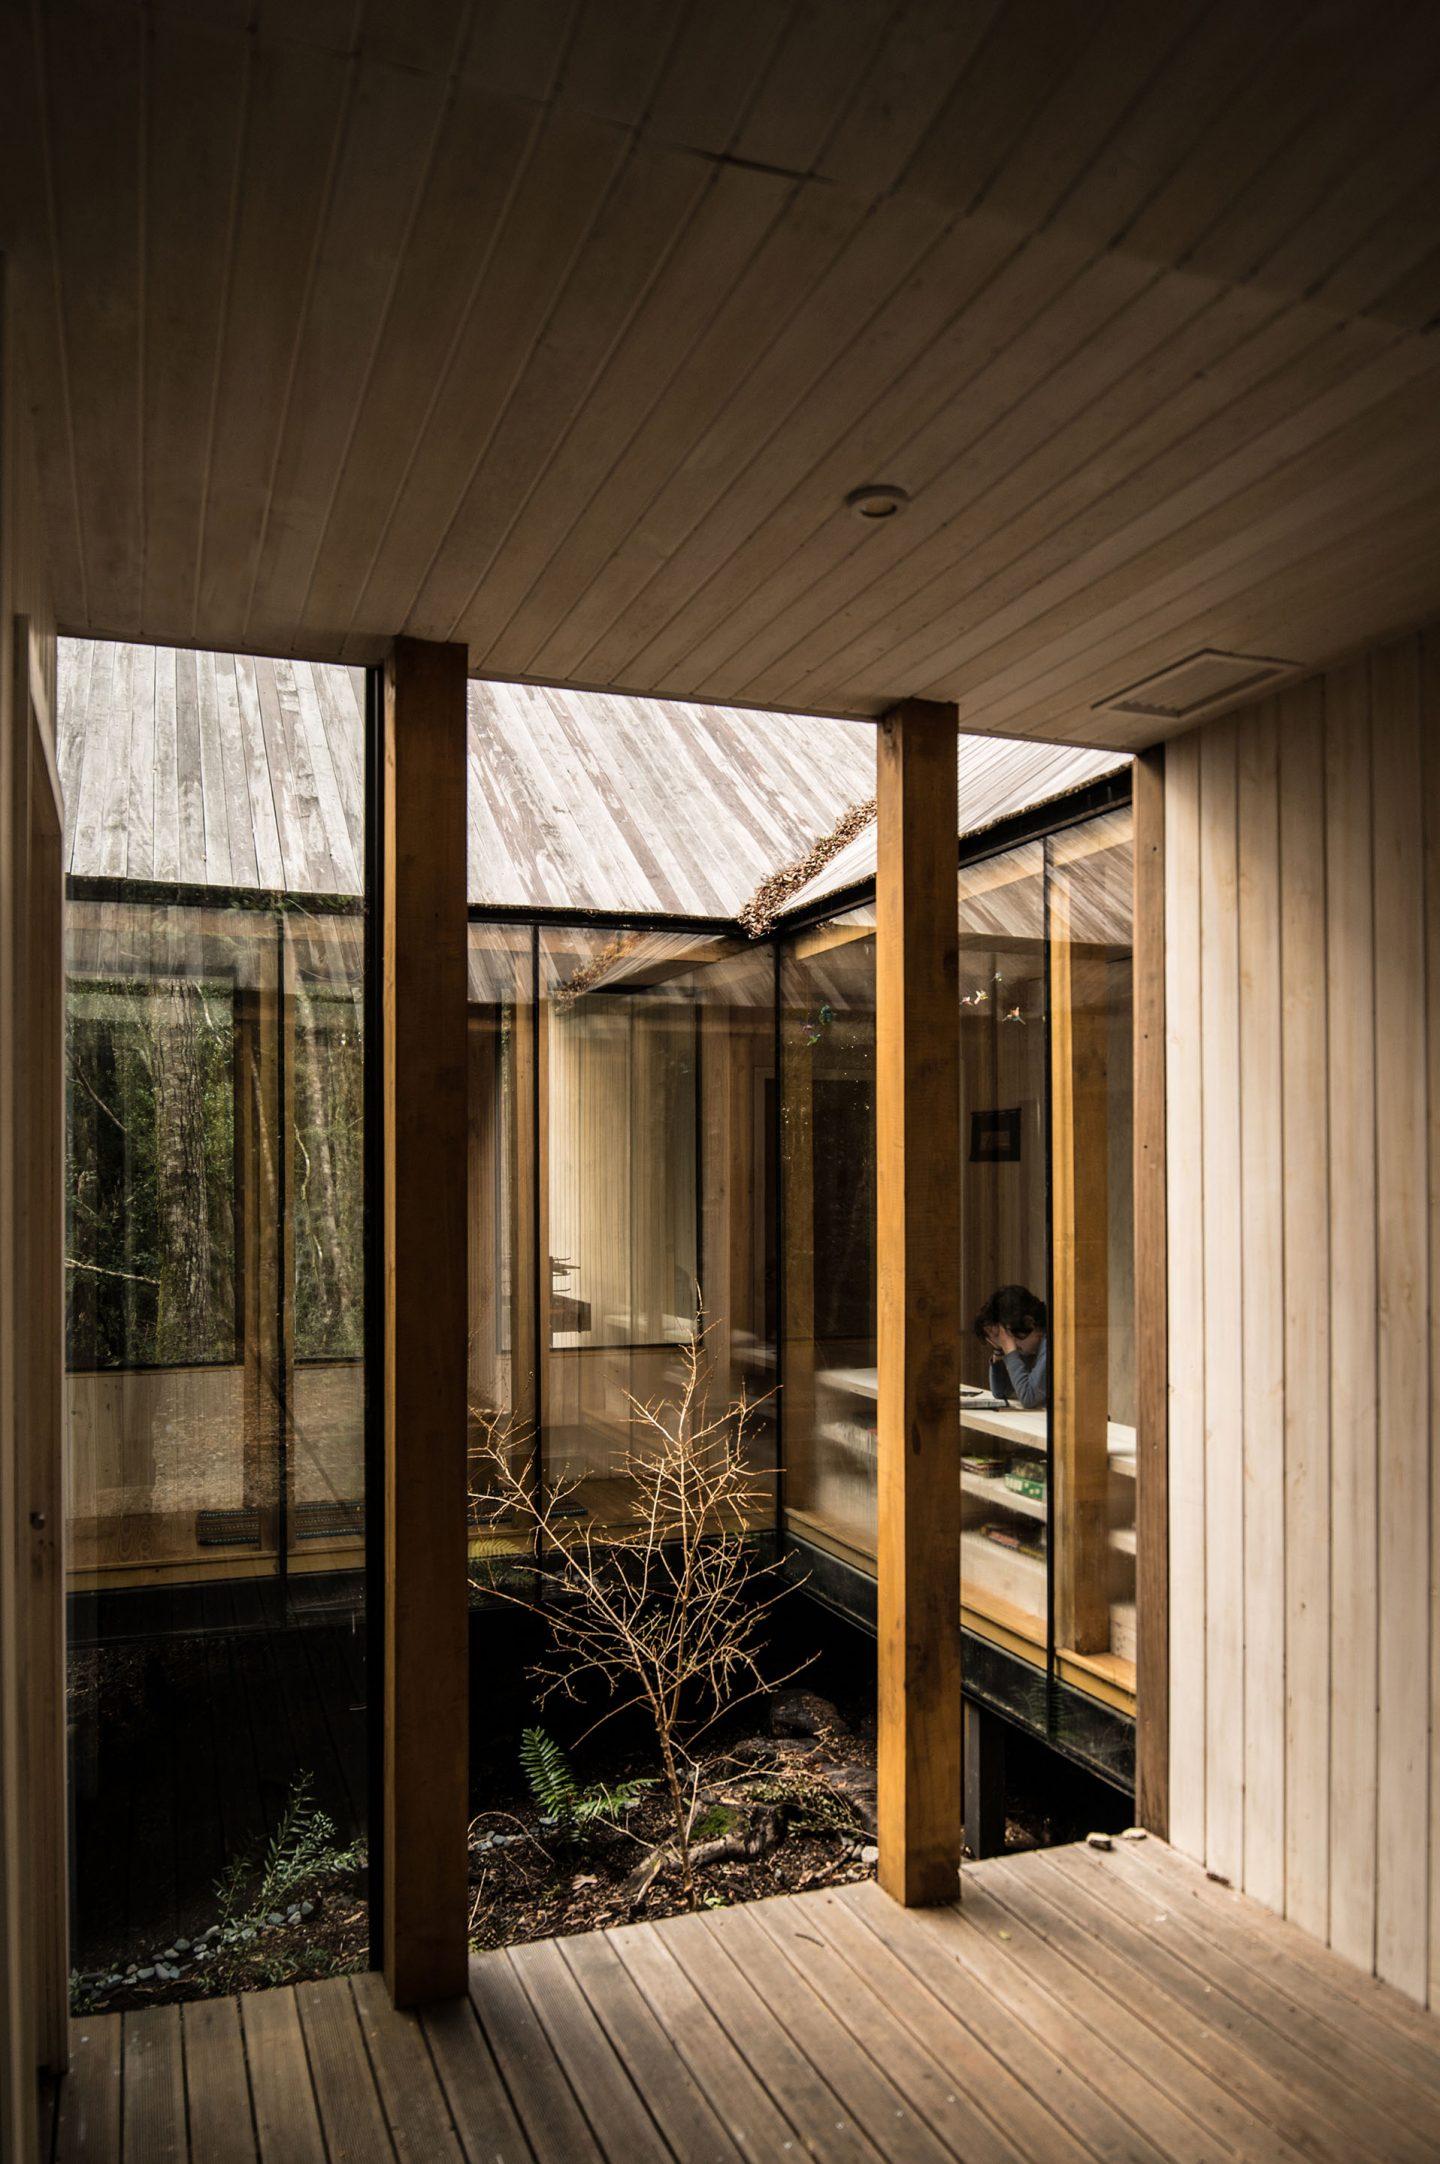 IGNANT-Architecture-SAAArquitecturaoTerritorio-RefugioImpluvio-2